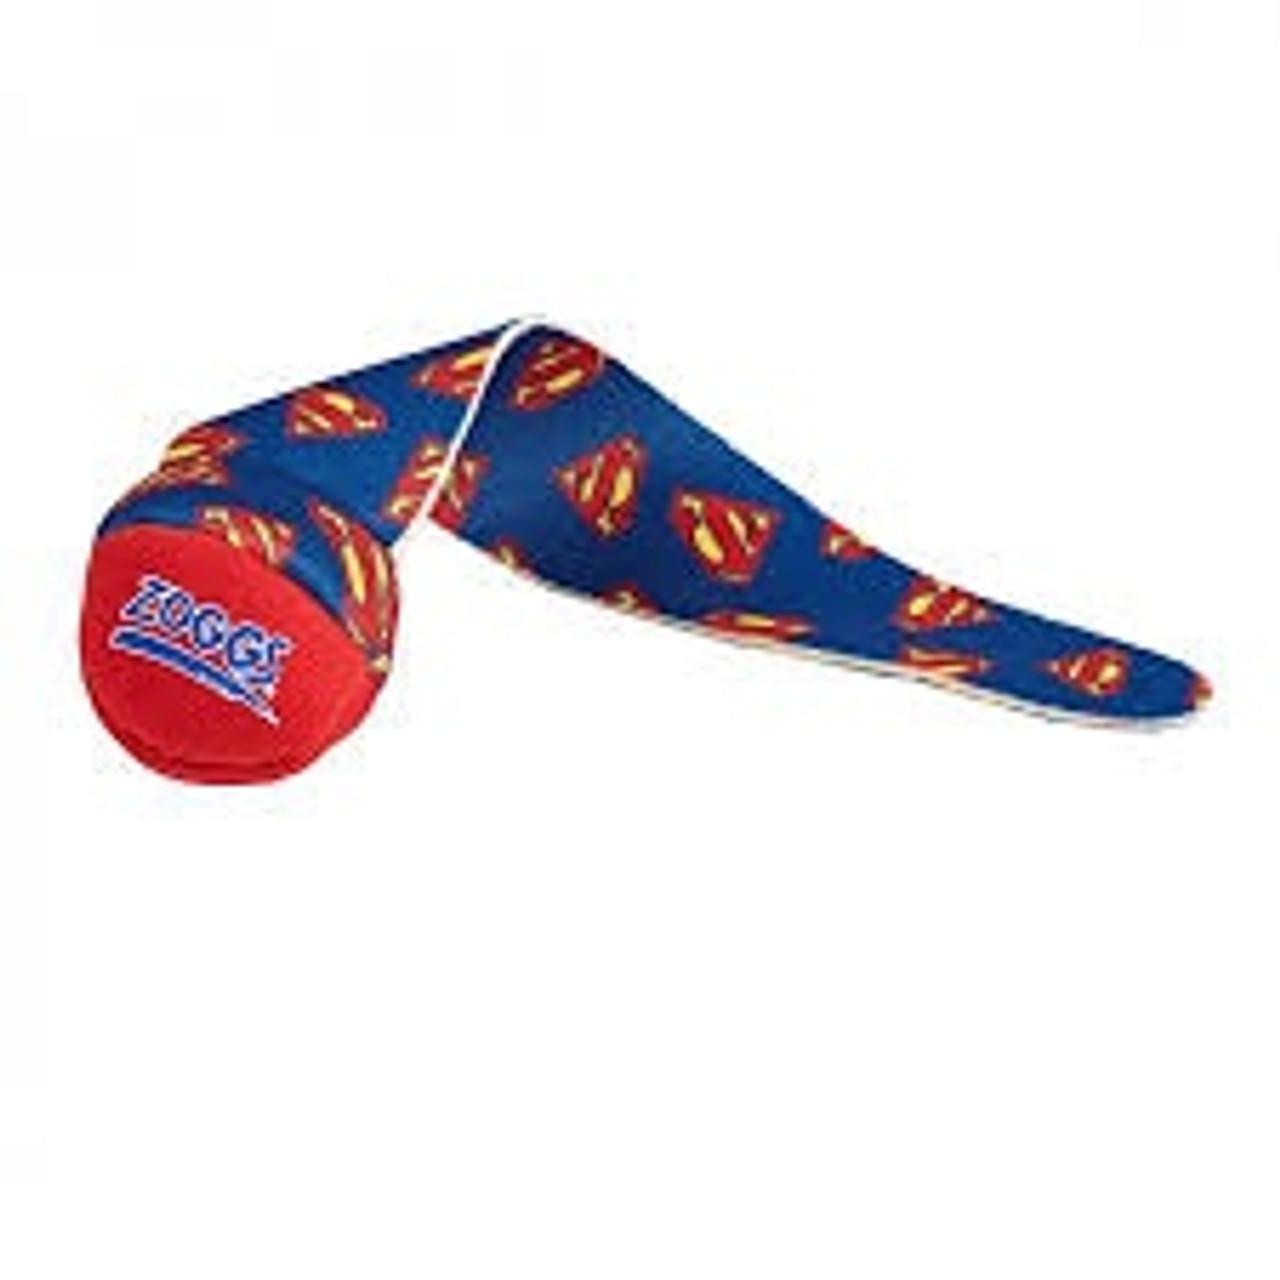 SUPERMAN DIVE BALLS